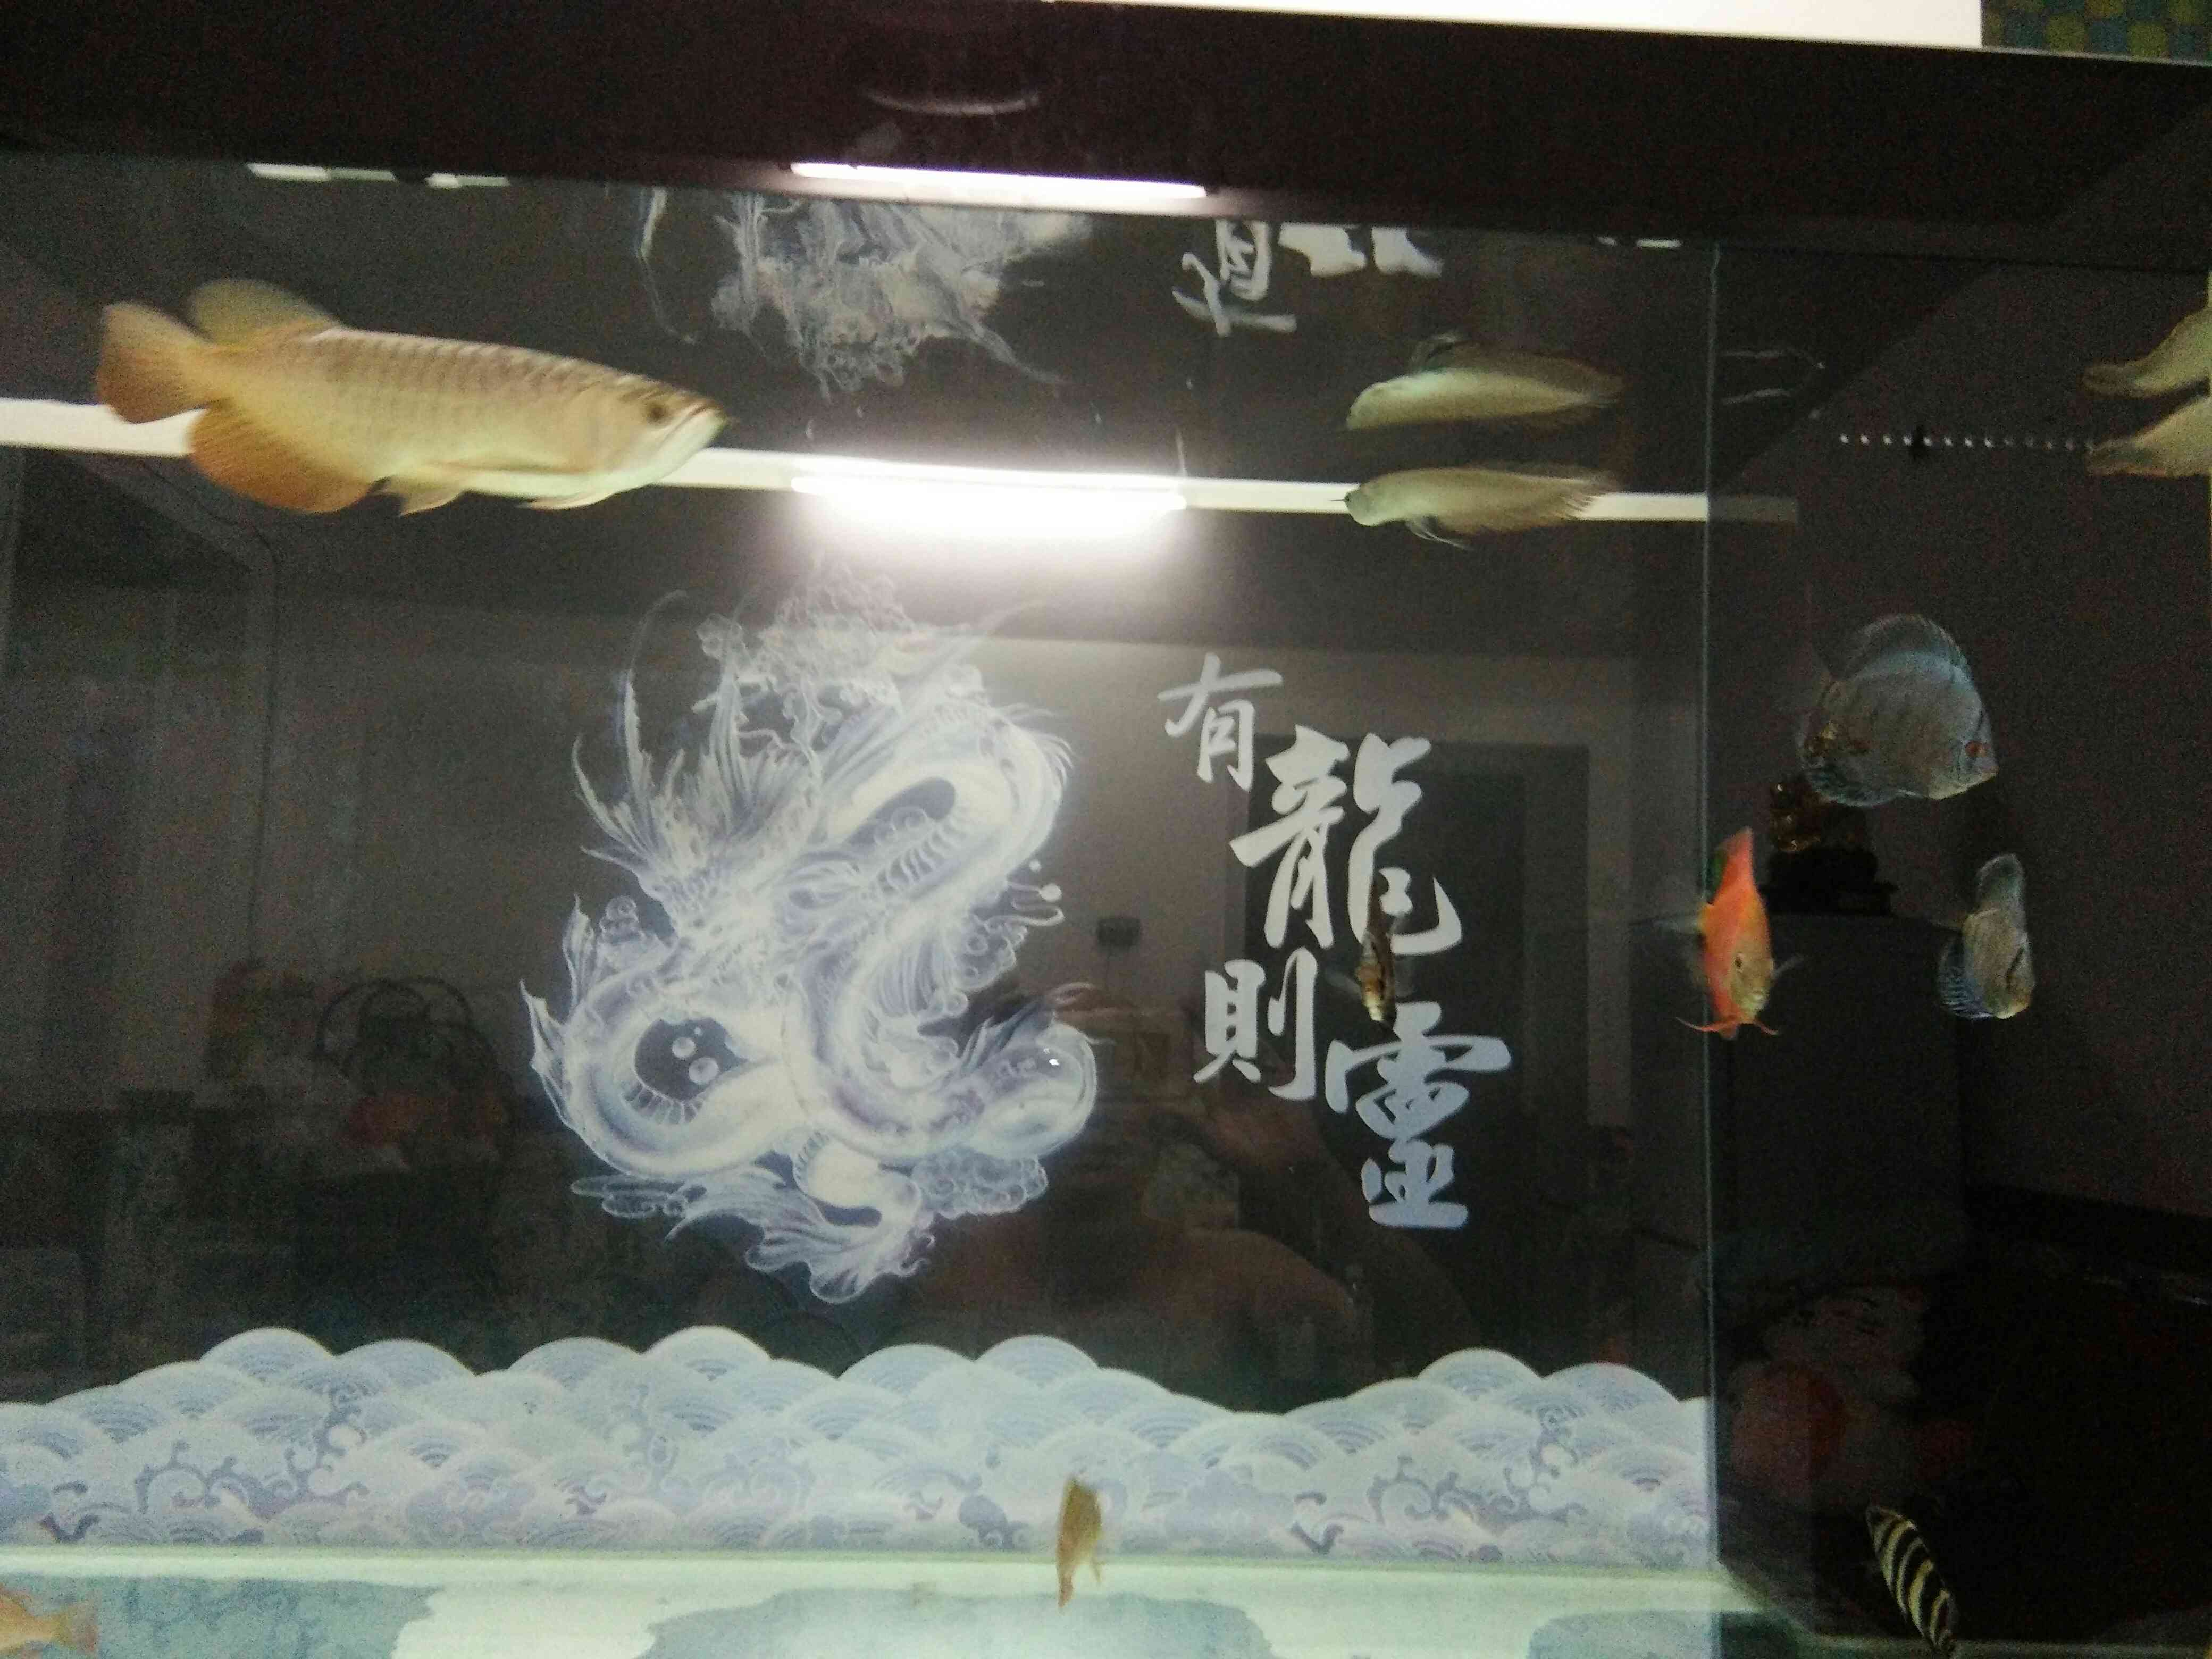 沙包进缸 北京龙鱼论坛 北京龙鱼第8张